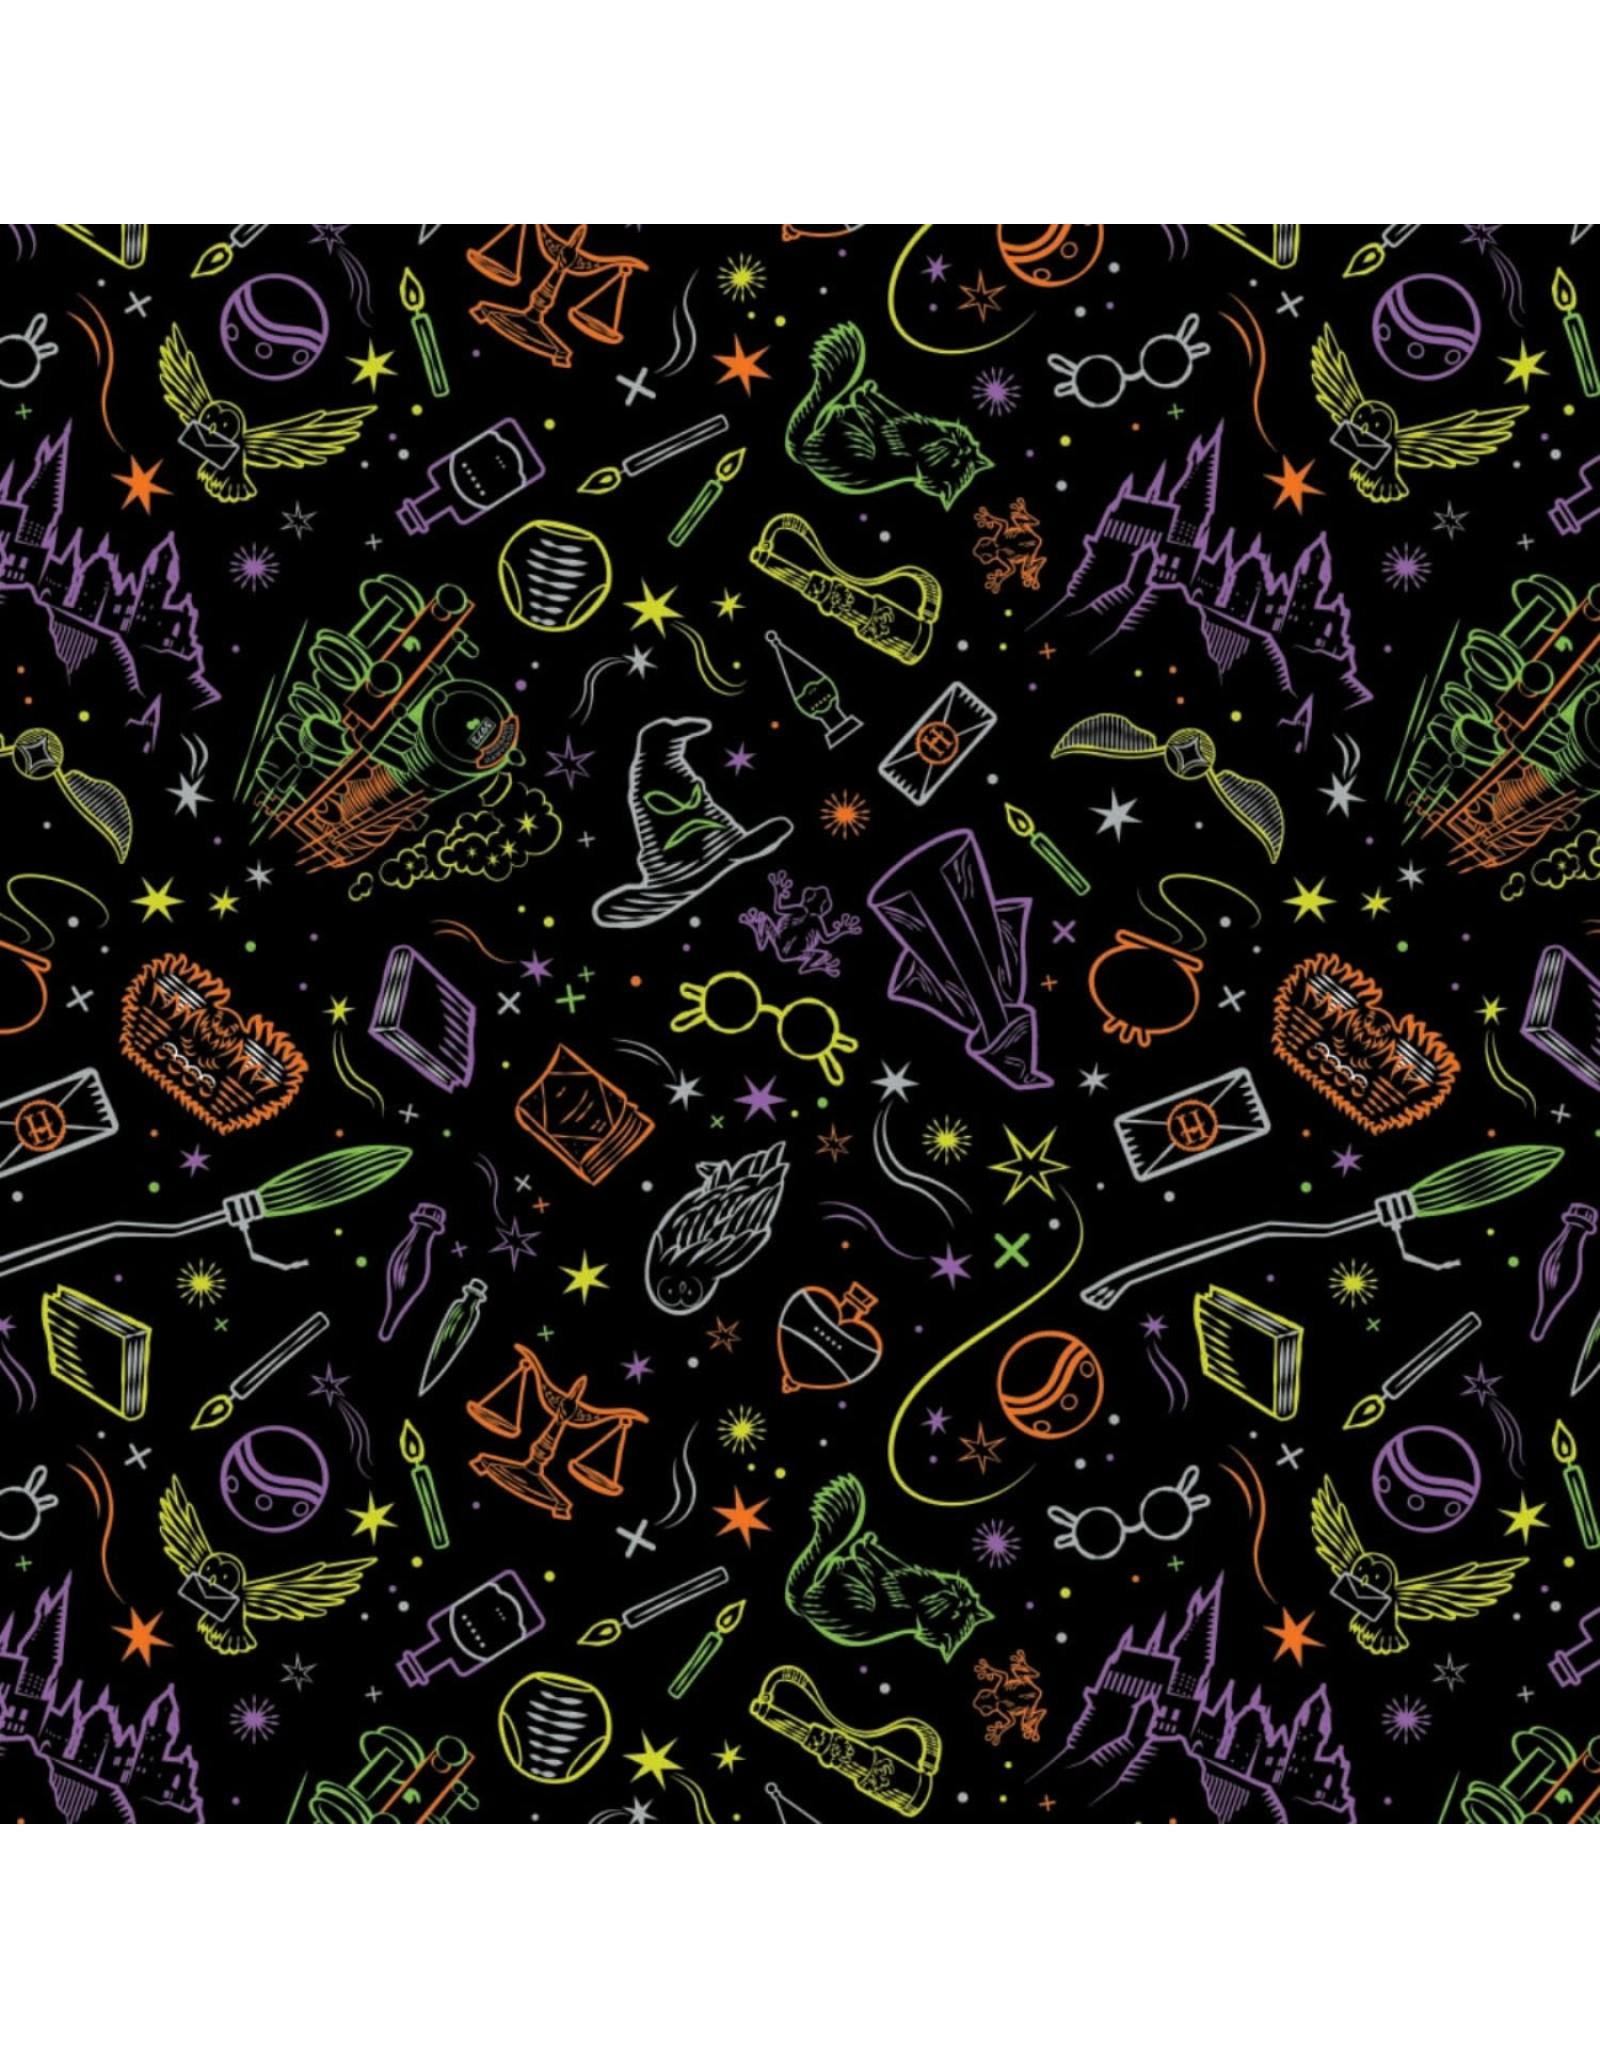 Camelot Black Halloween - Harry Potter Artifacts Toss